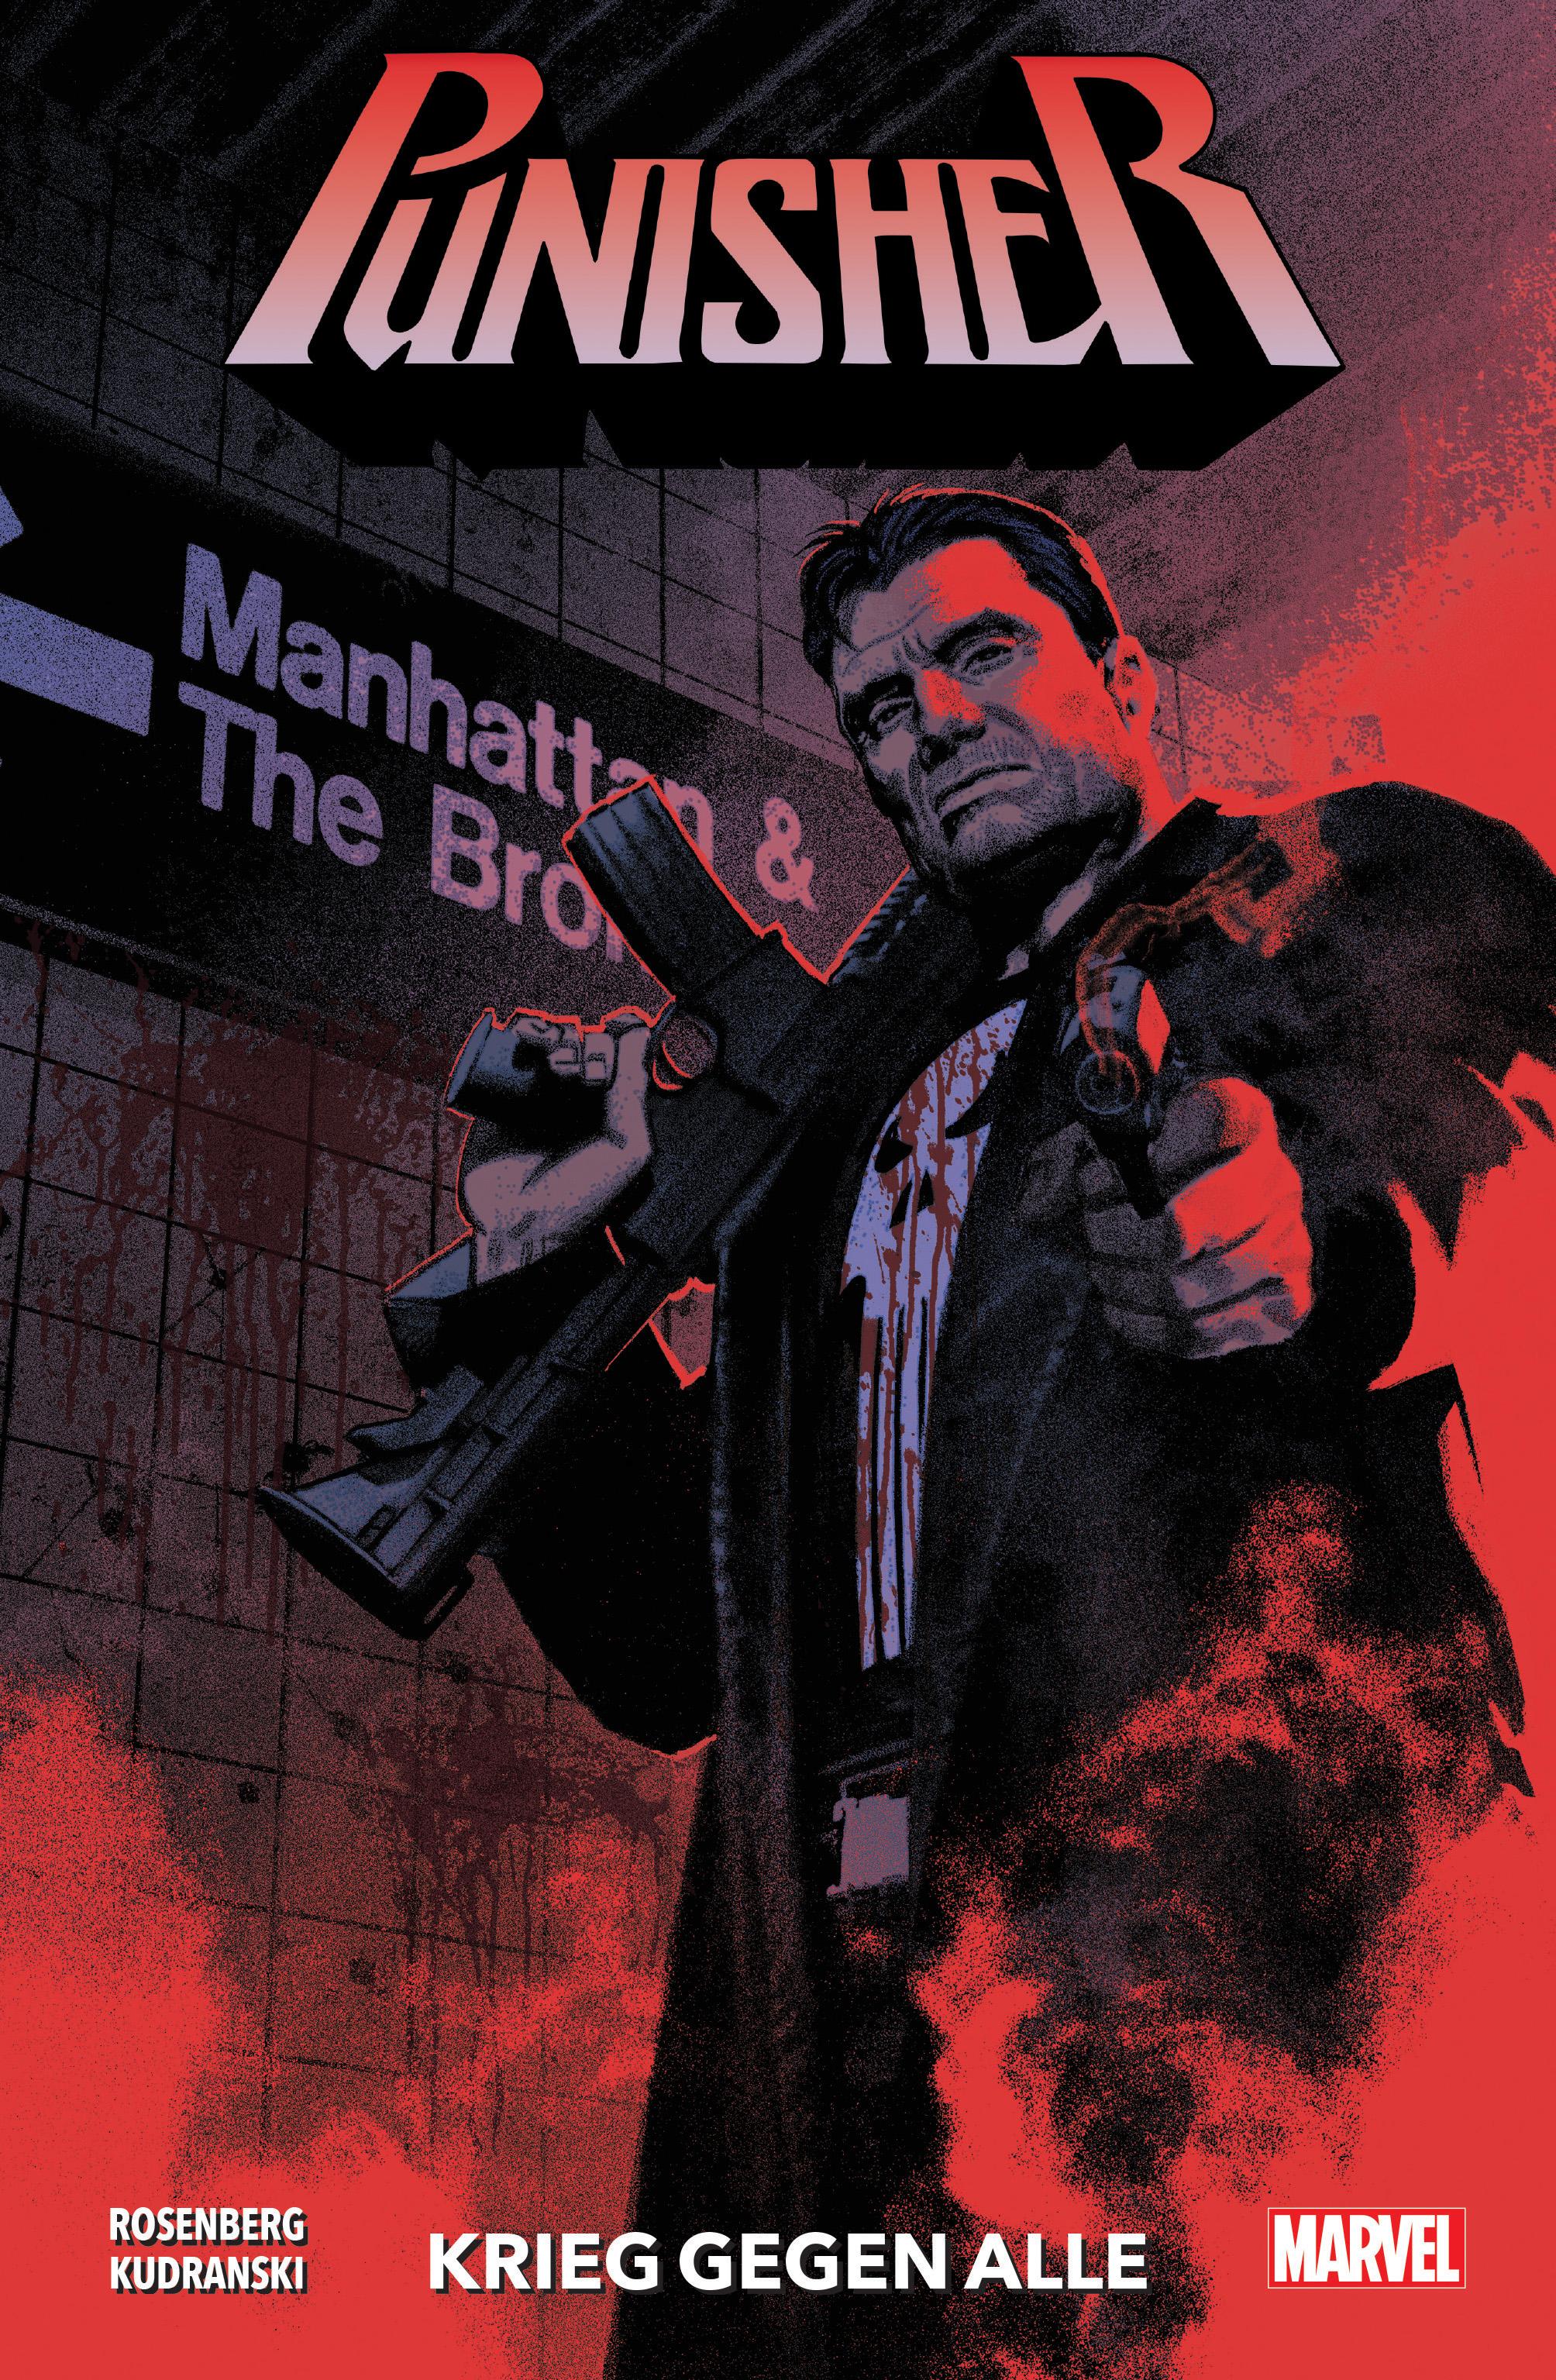 Punisher Bd. 1 - Krieg gegen alle